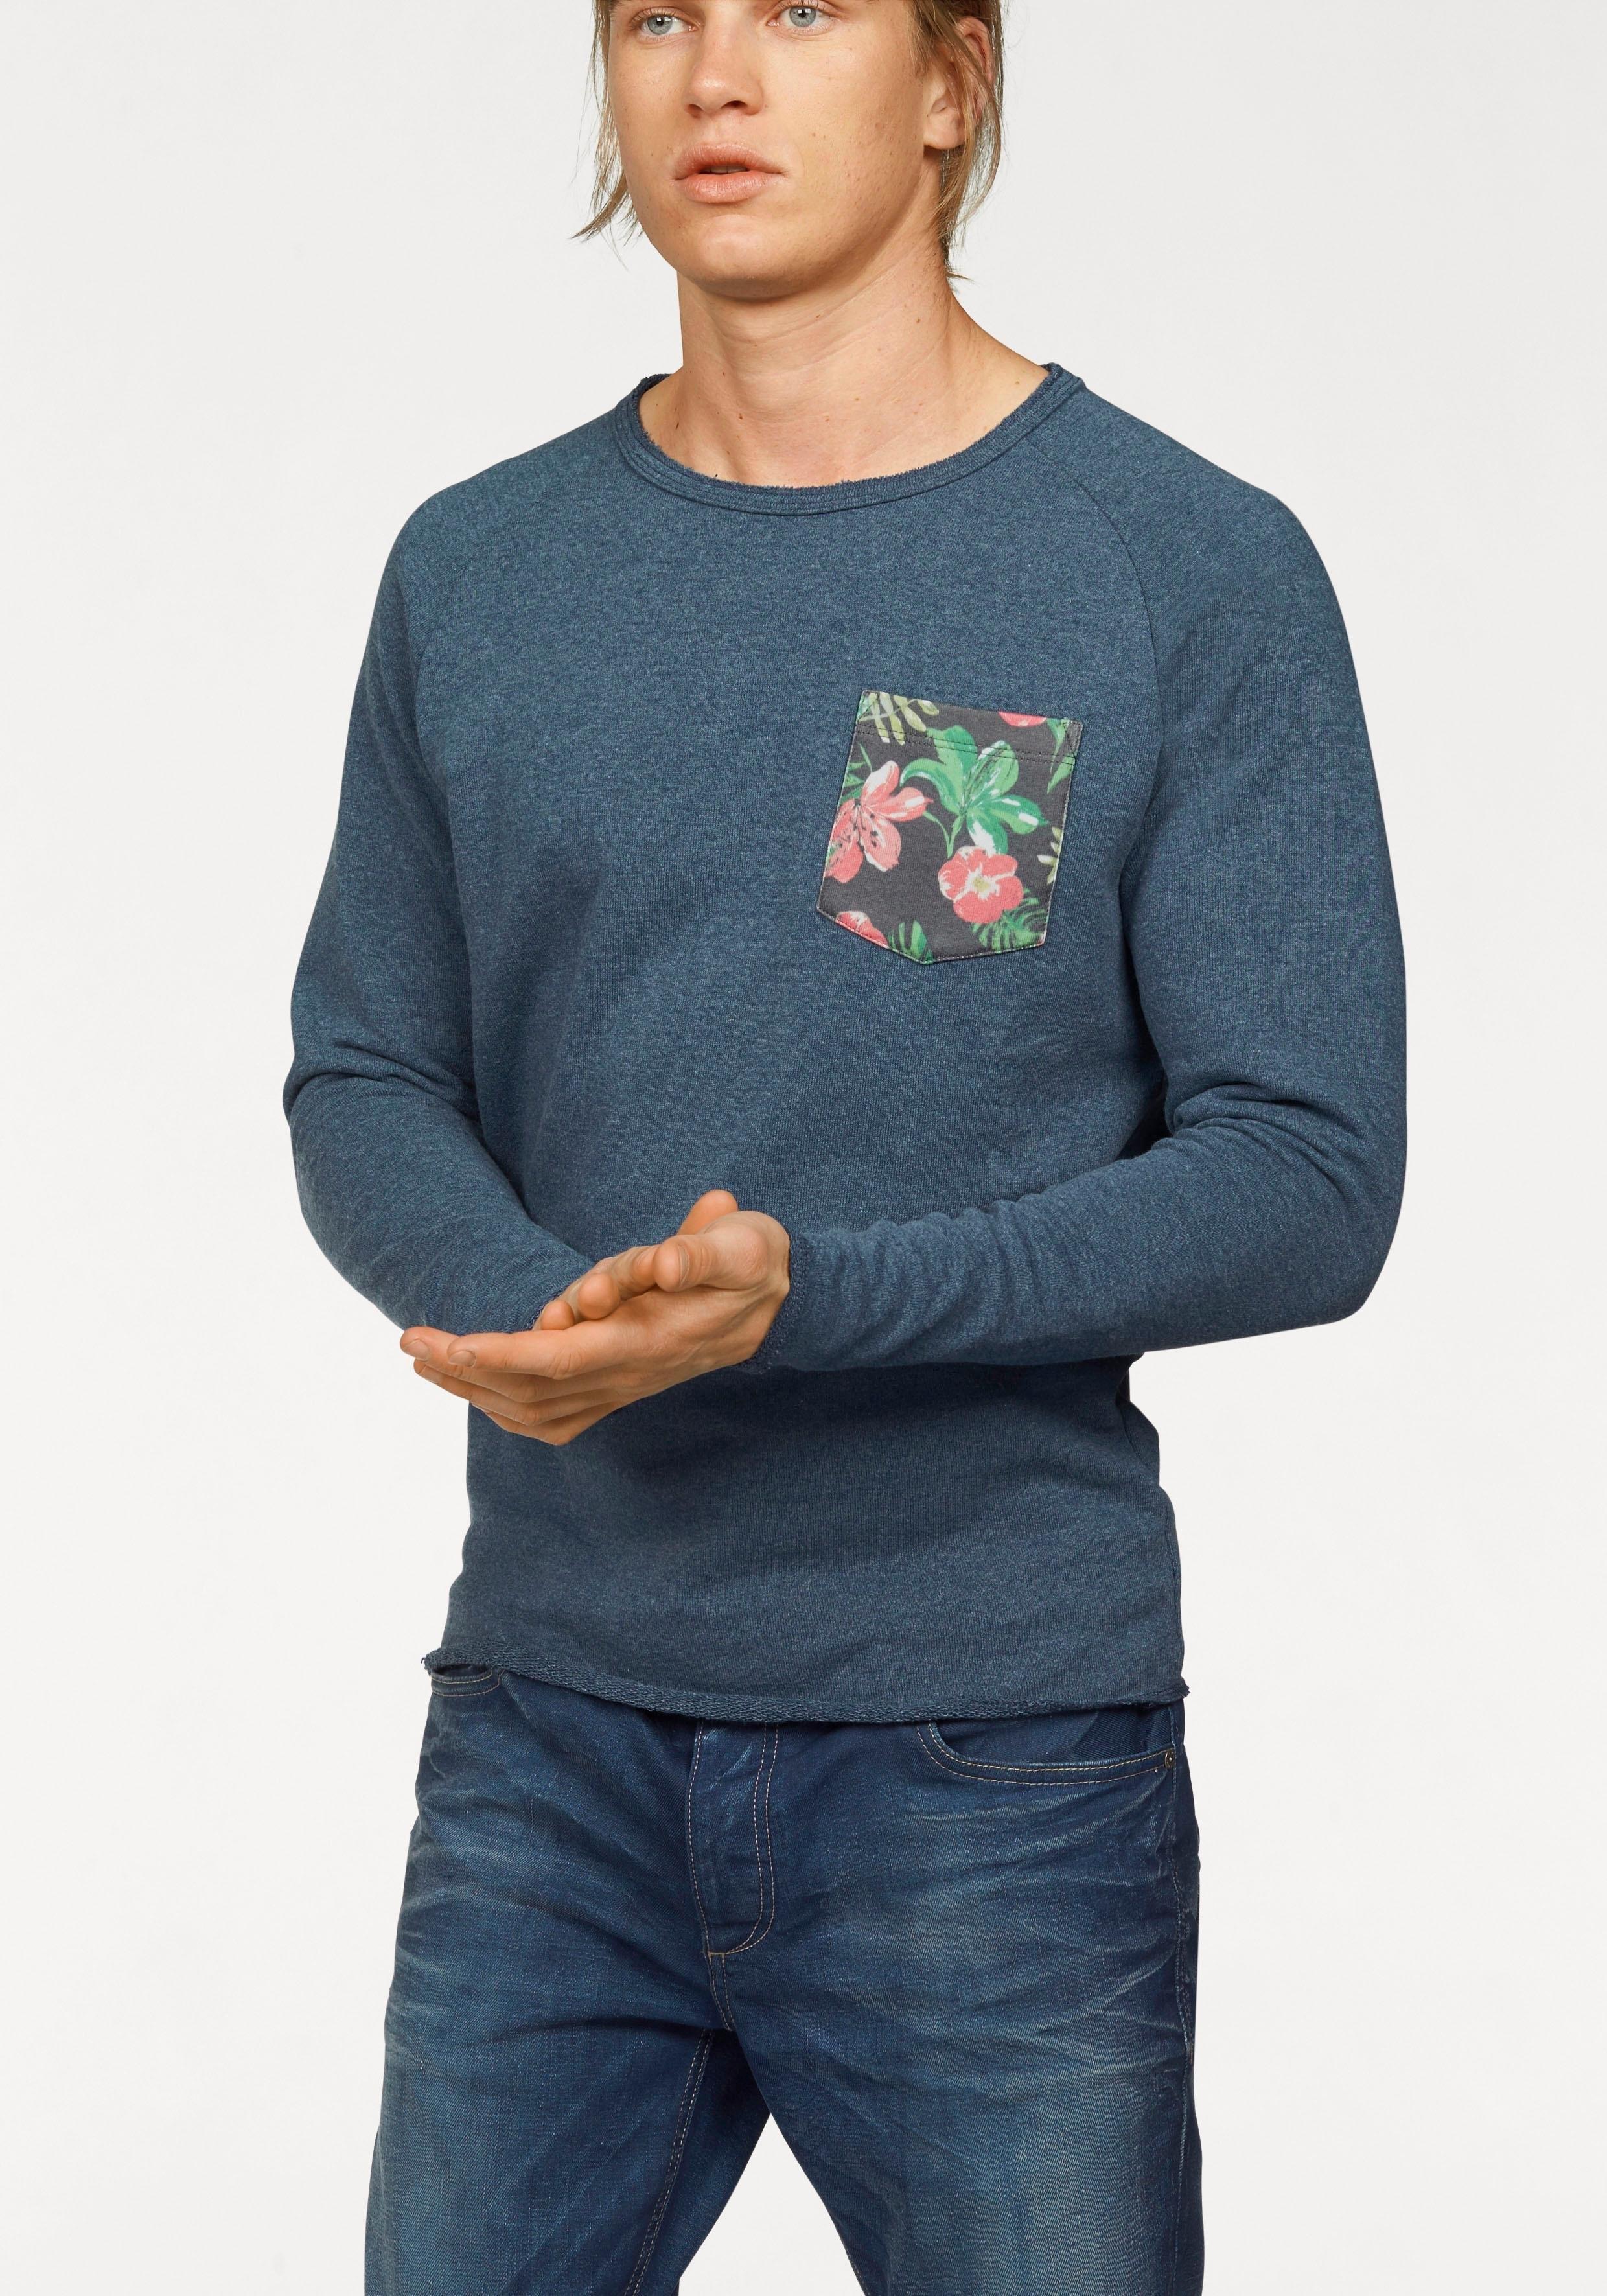 Jack & Jones sweatshirt nu online bestellen